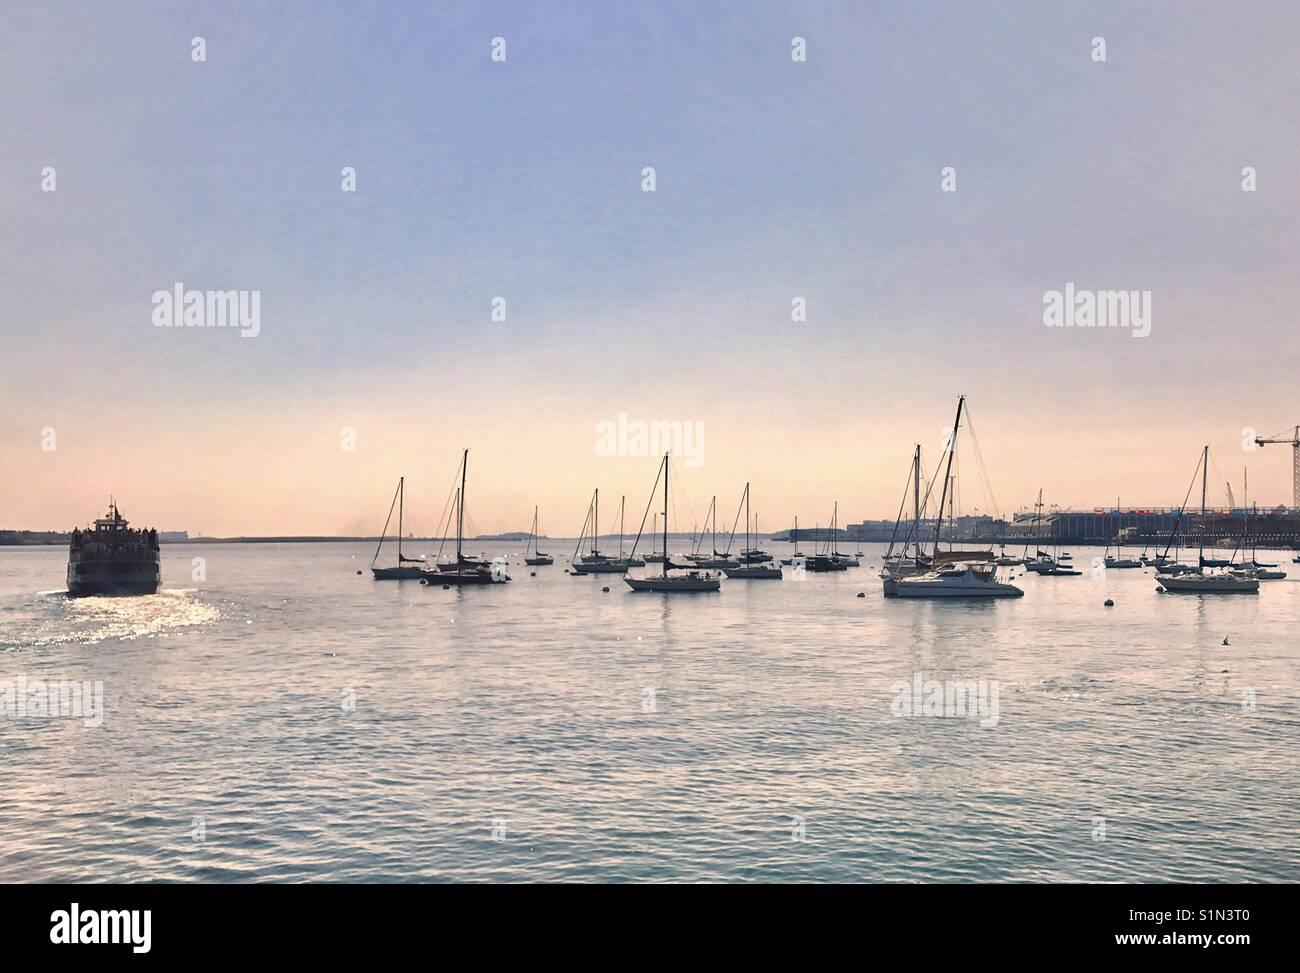 Los barcos en el puerto Foto de stock